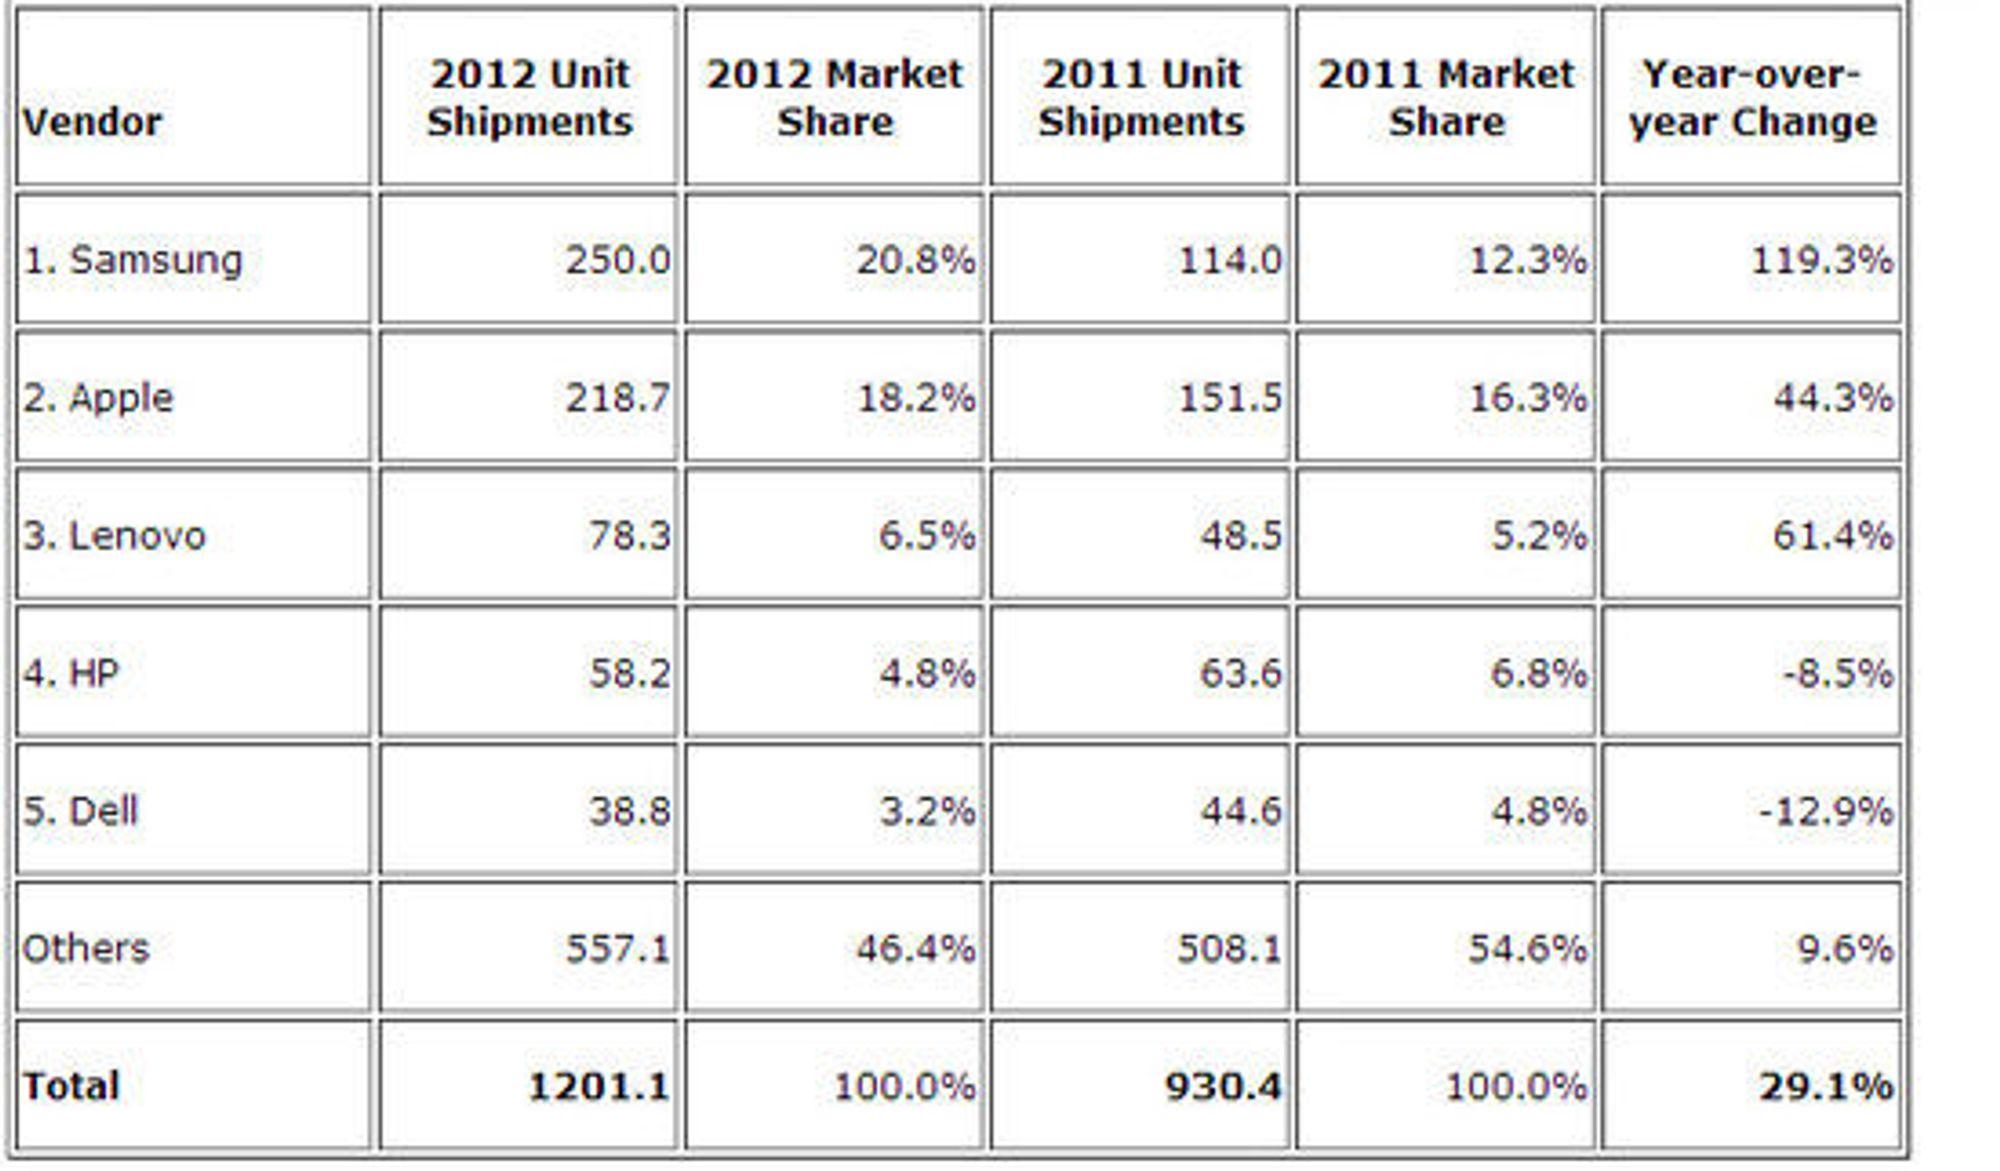 De fem største leverandørene av produkter i samlekategorien «smart connected devices» i hele 2012. Tallene er oppgitt i millioner enheter.